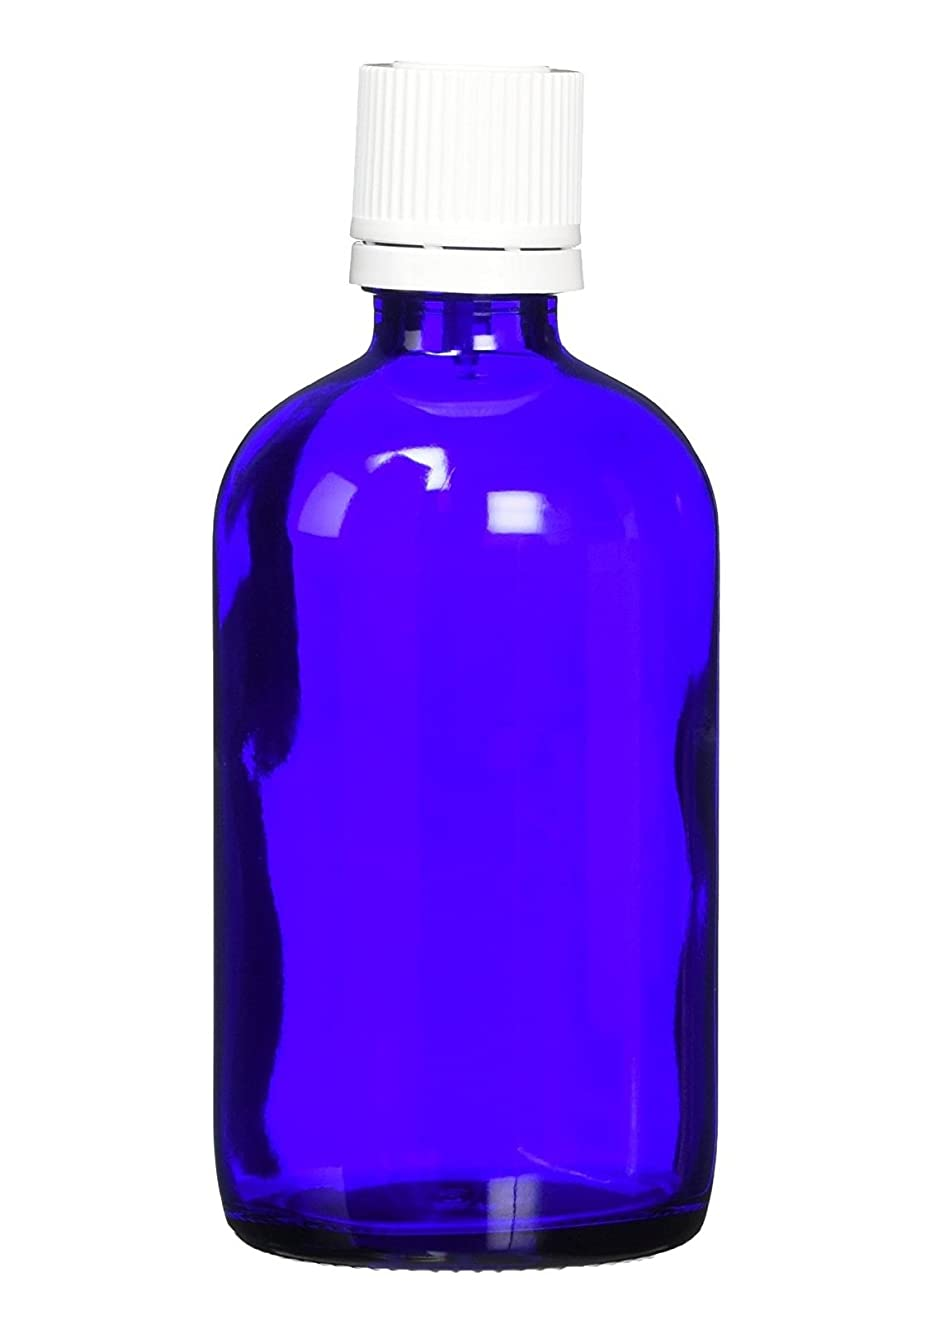 レギュラーロボット輸血ease 遮光ビン ブルー 100ml ×5本 (国内メーカー)